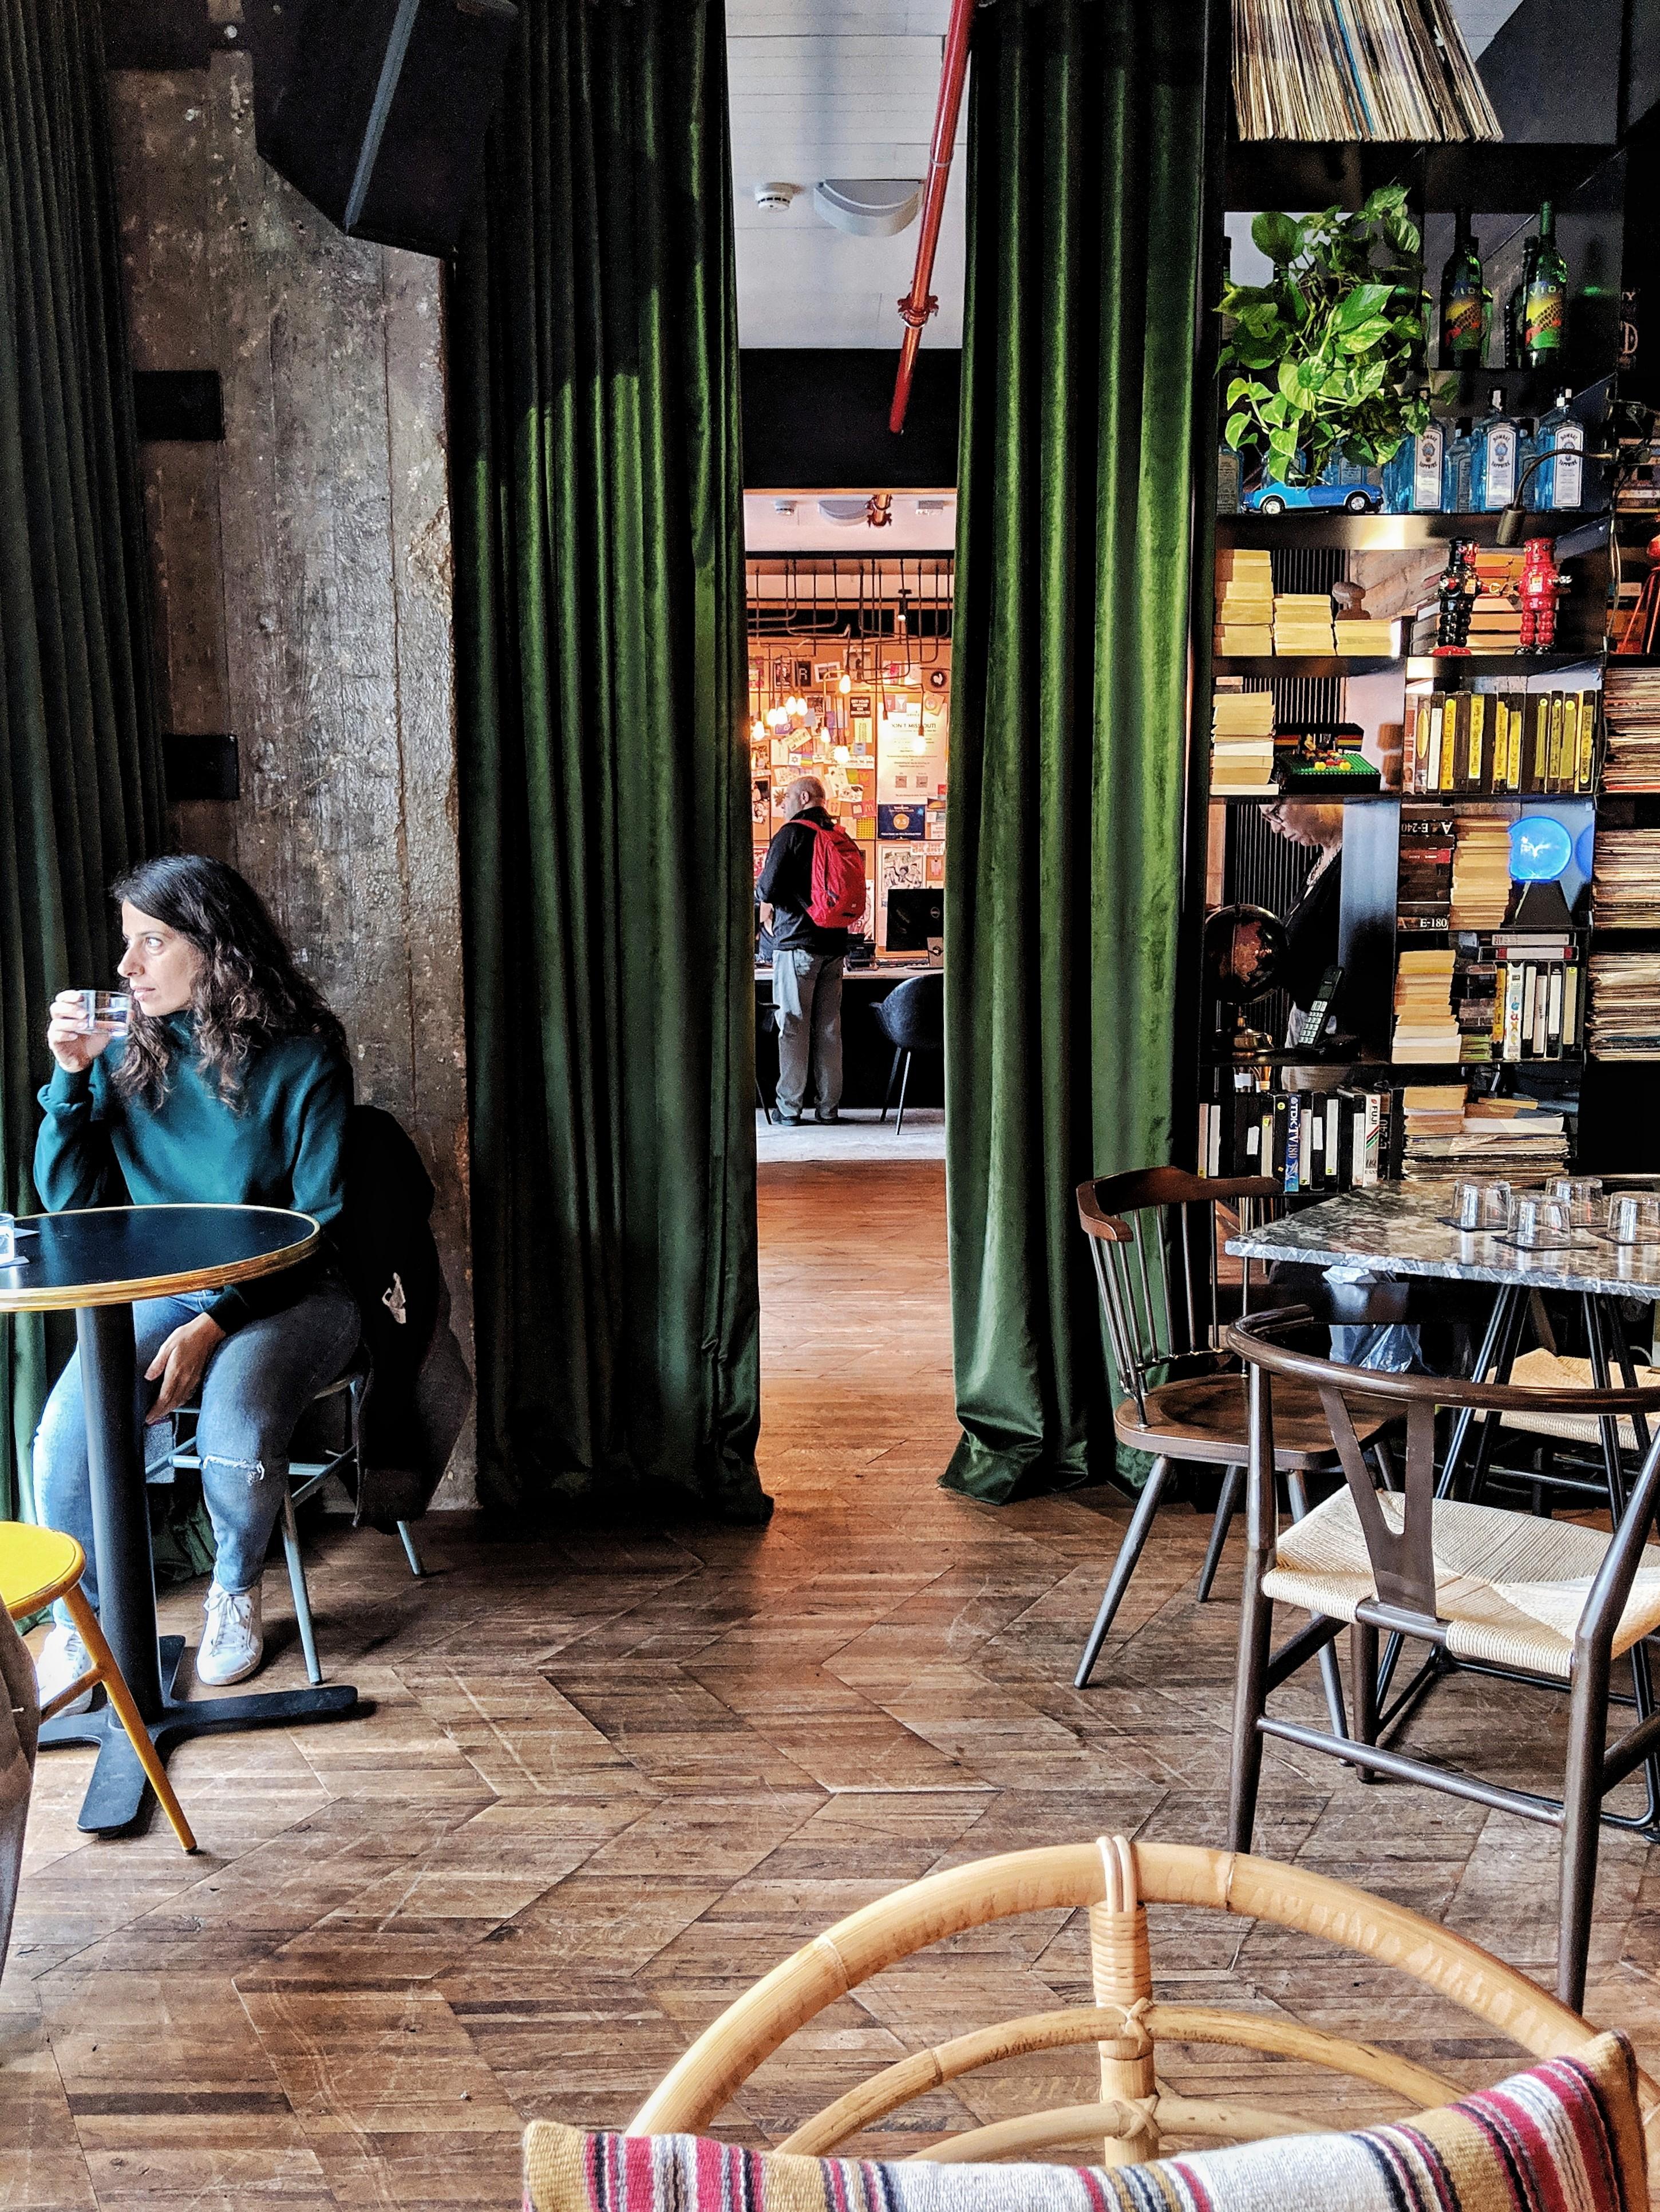 המלונות הטובים בתל אביב - מלון פבריק